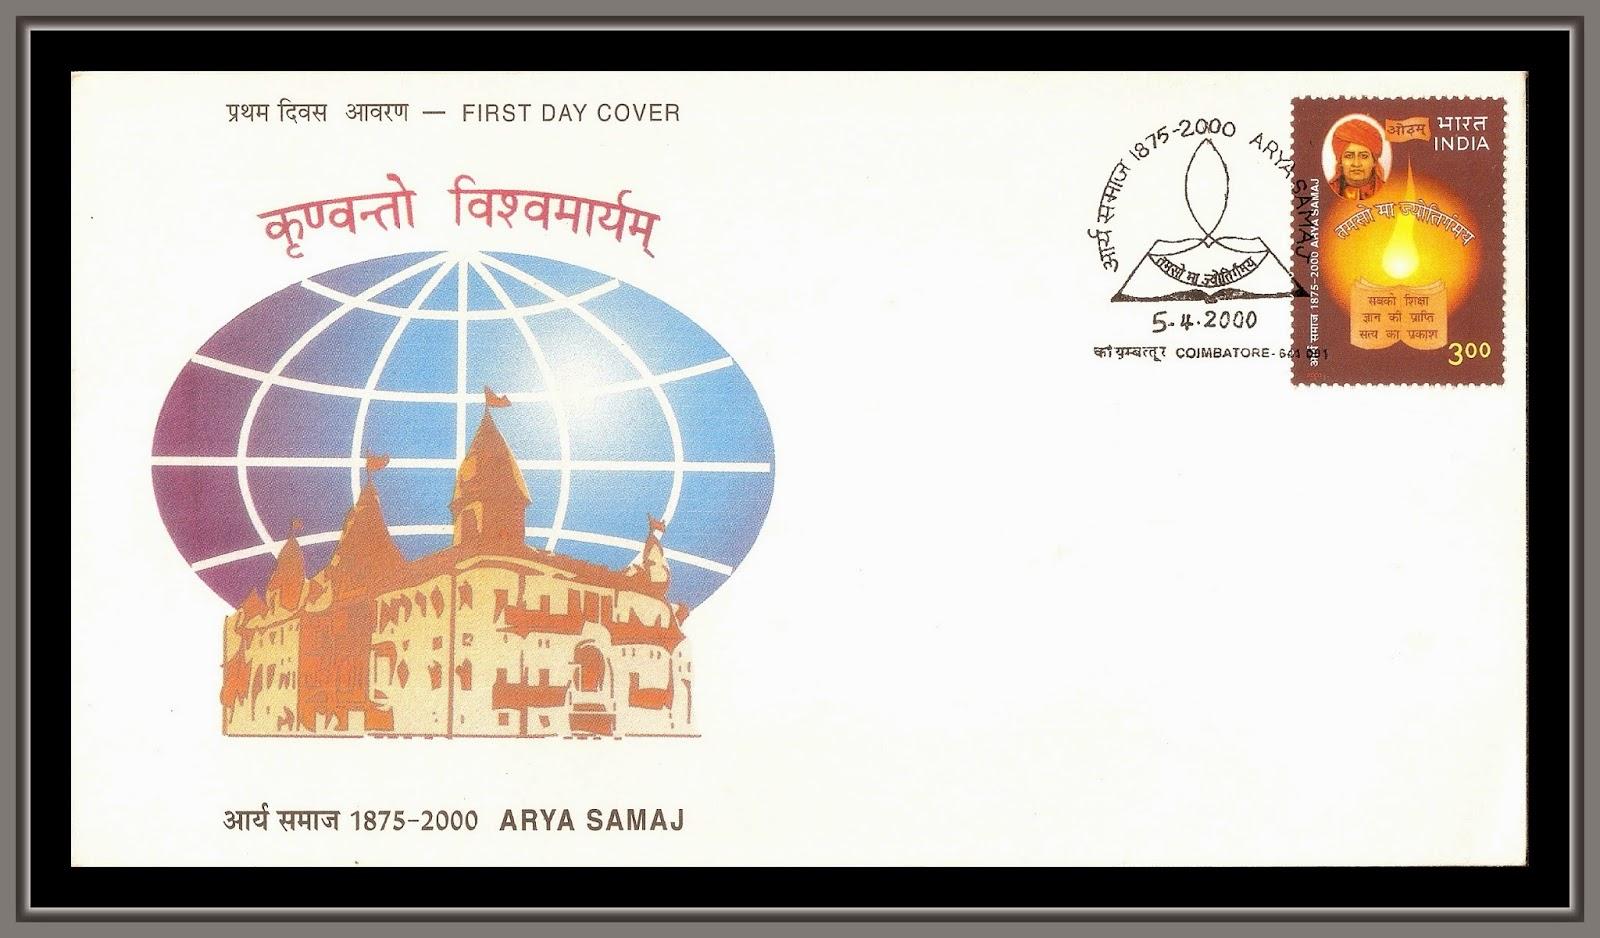 The Sanskrit Philatelist: Arya Samaj, 2000 - Stamp, First